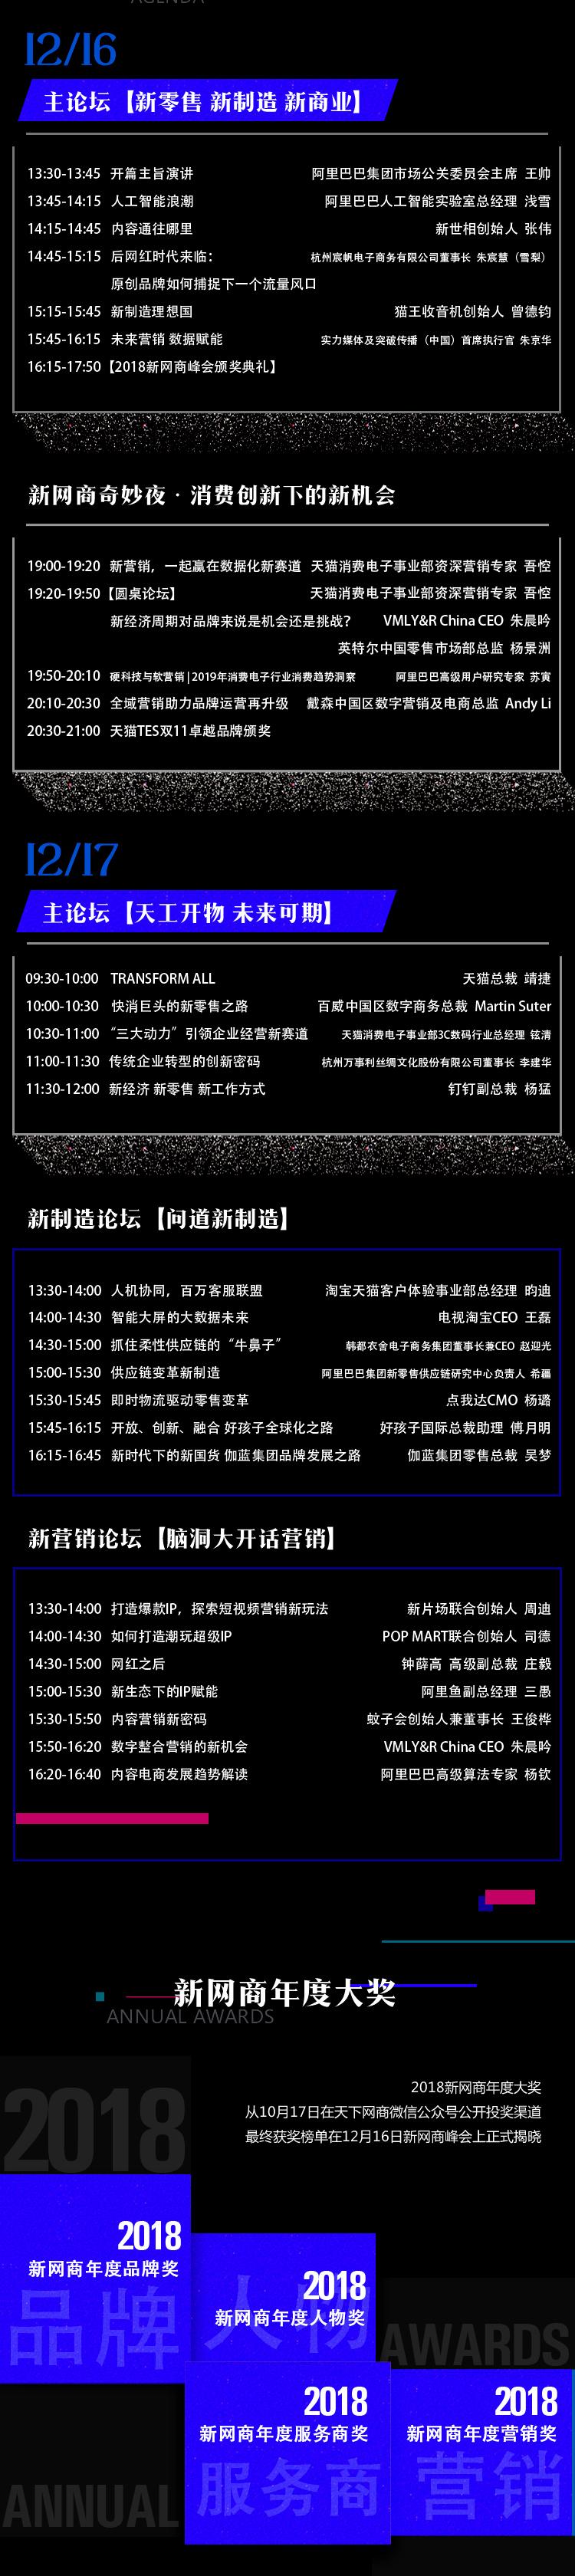 2018新网商峰会(杭州)